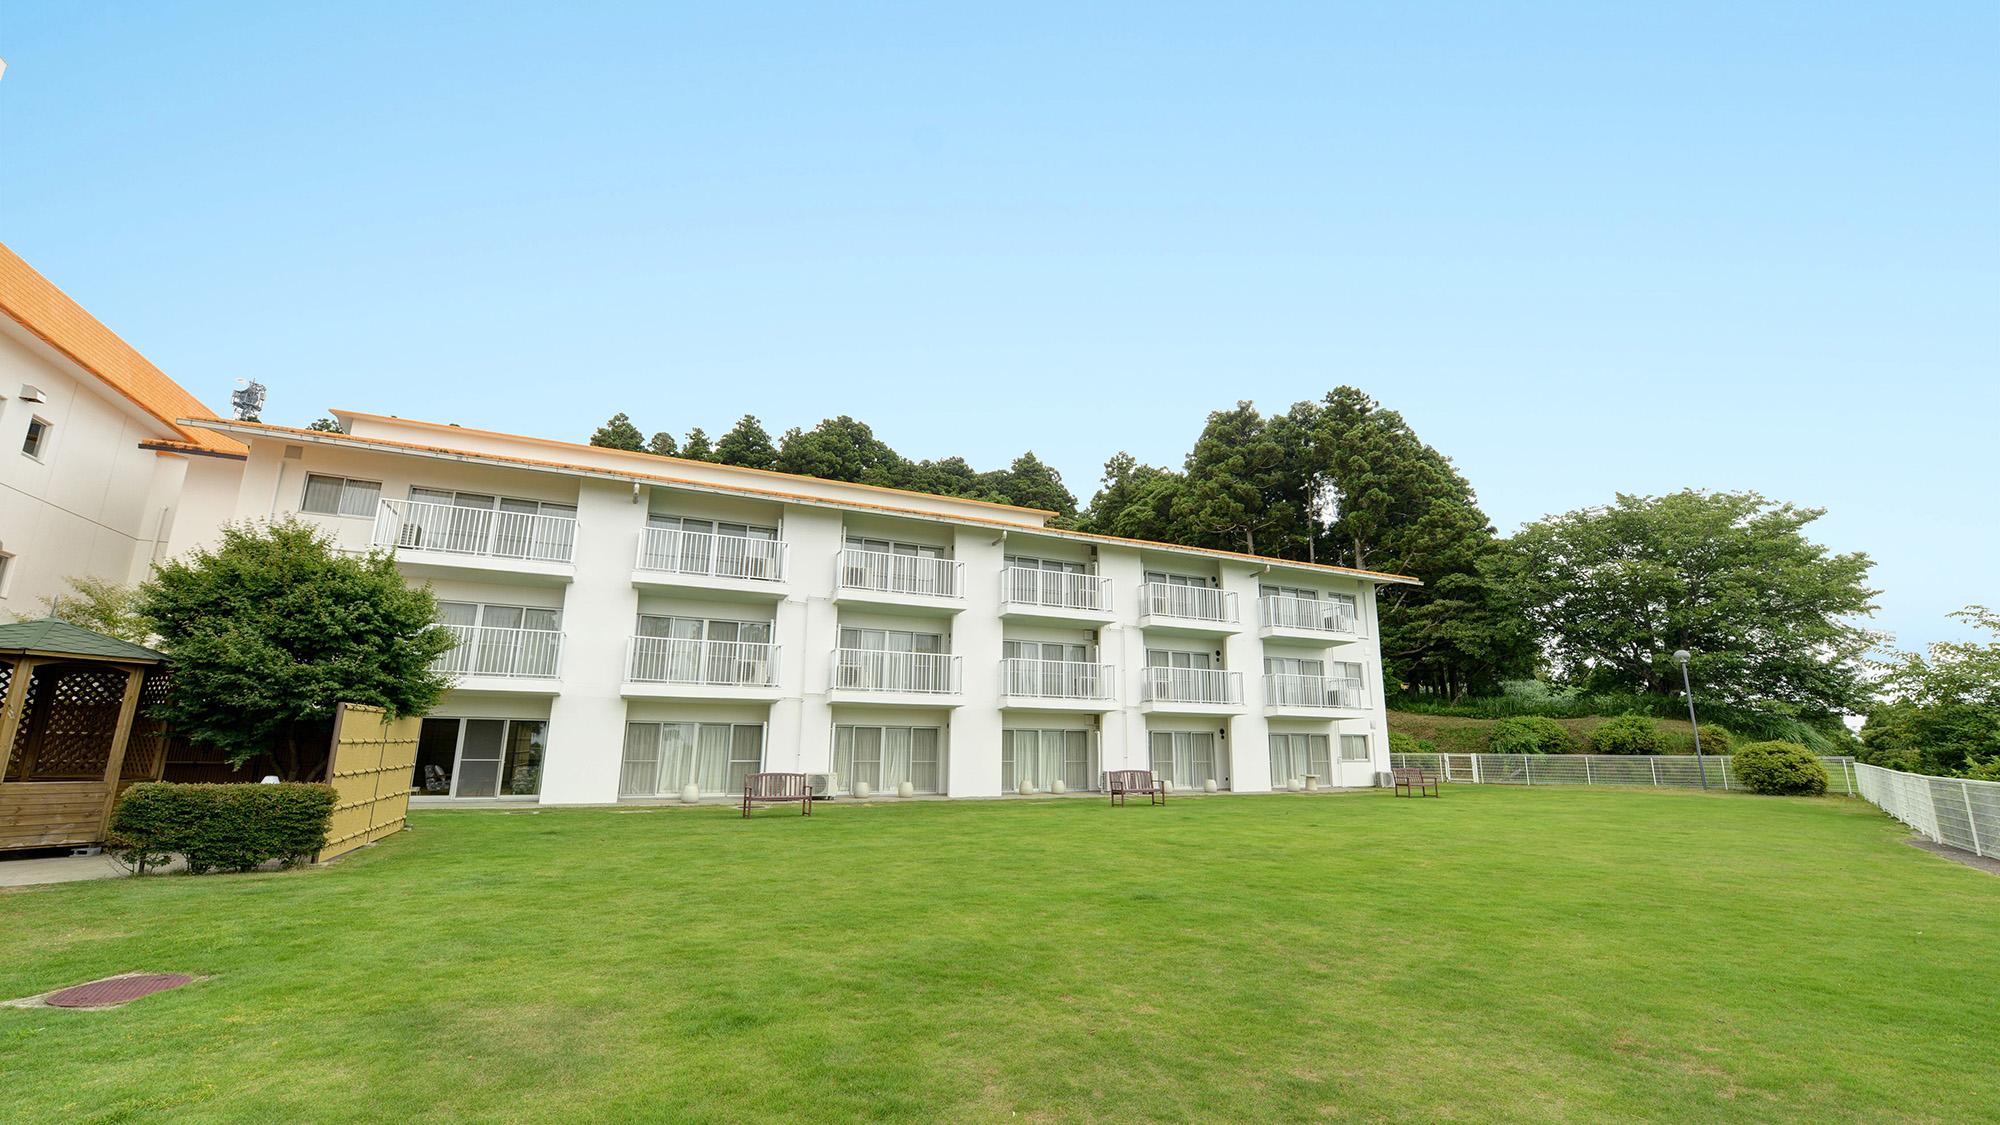 かずさリゾート 鹿野山ビューホテル